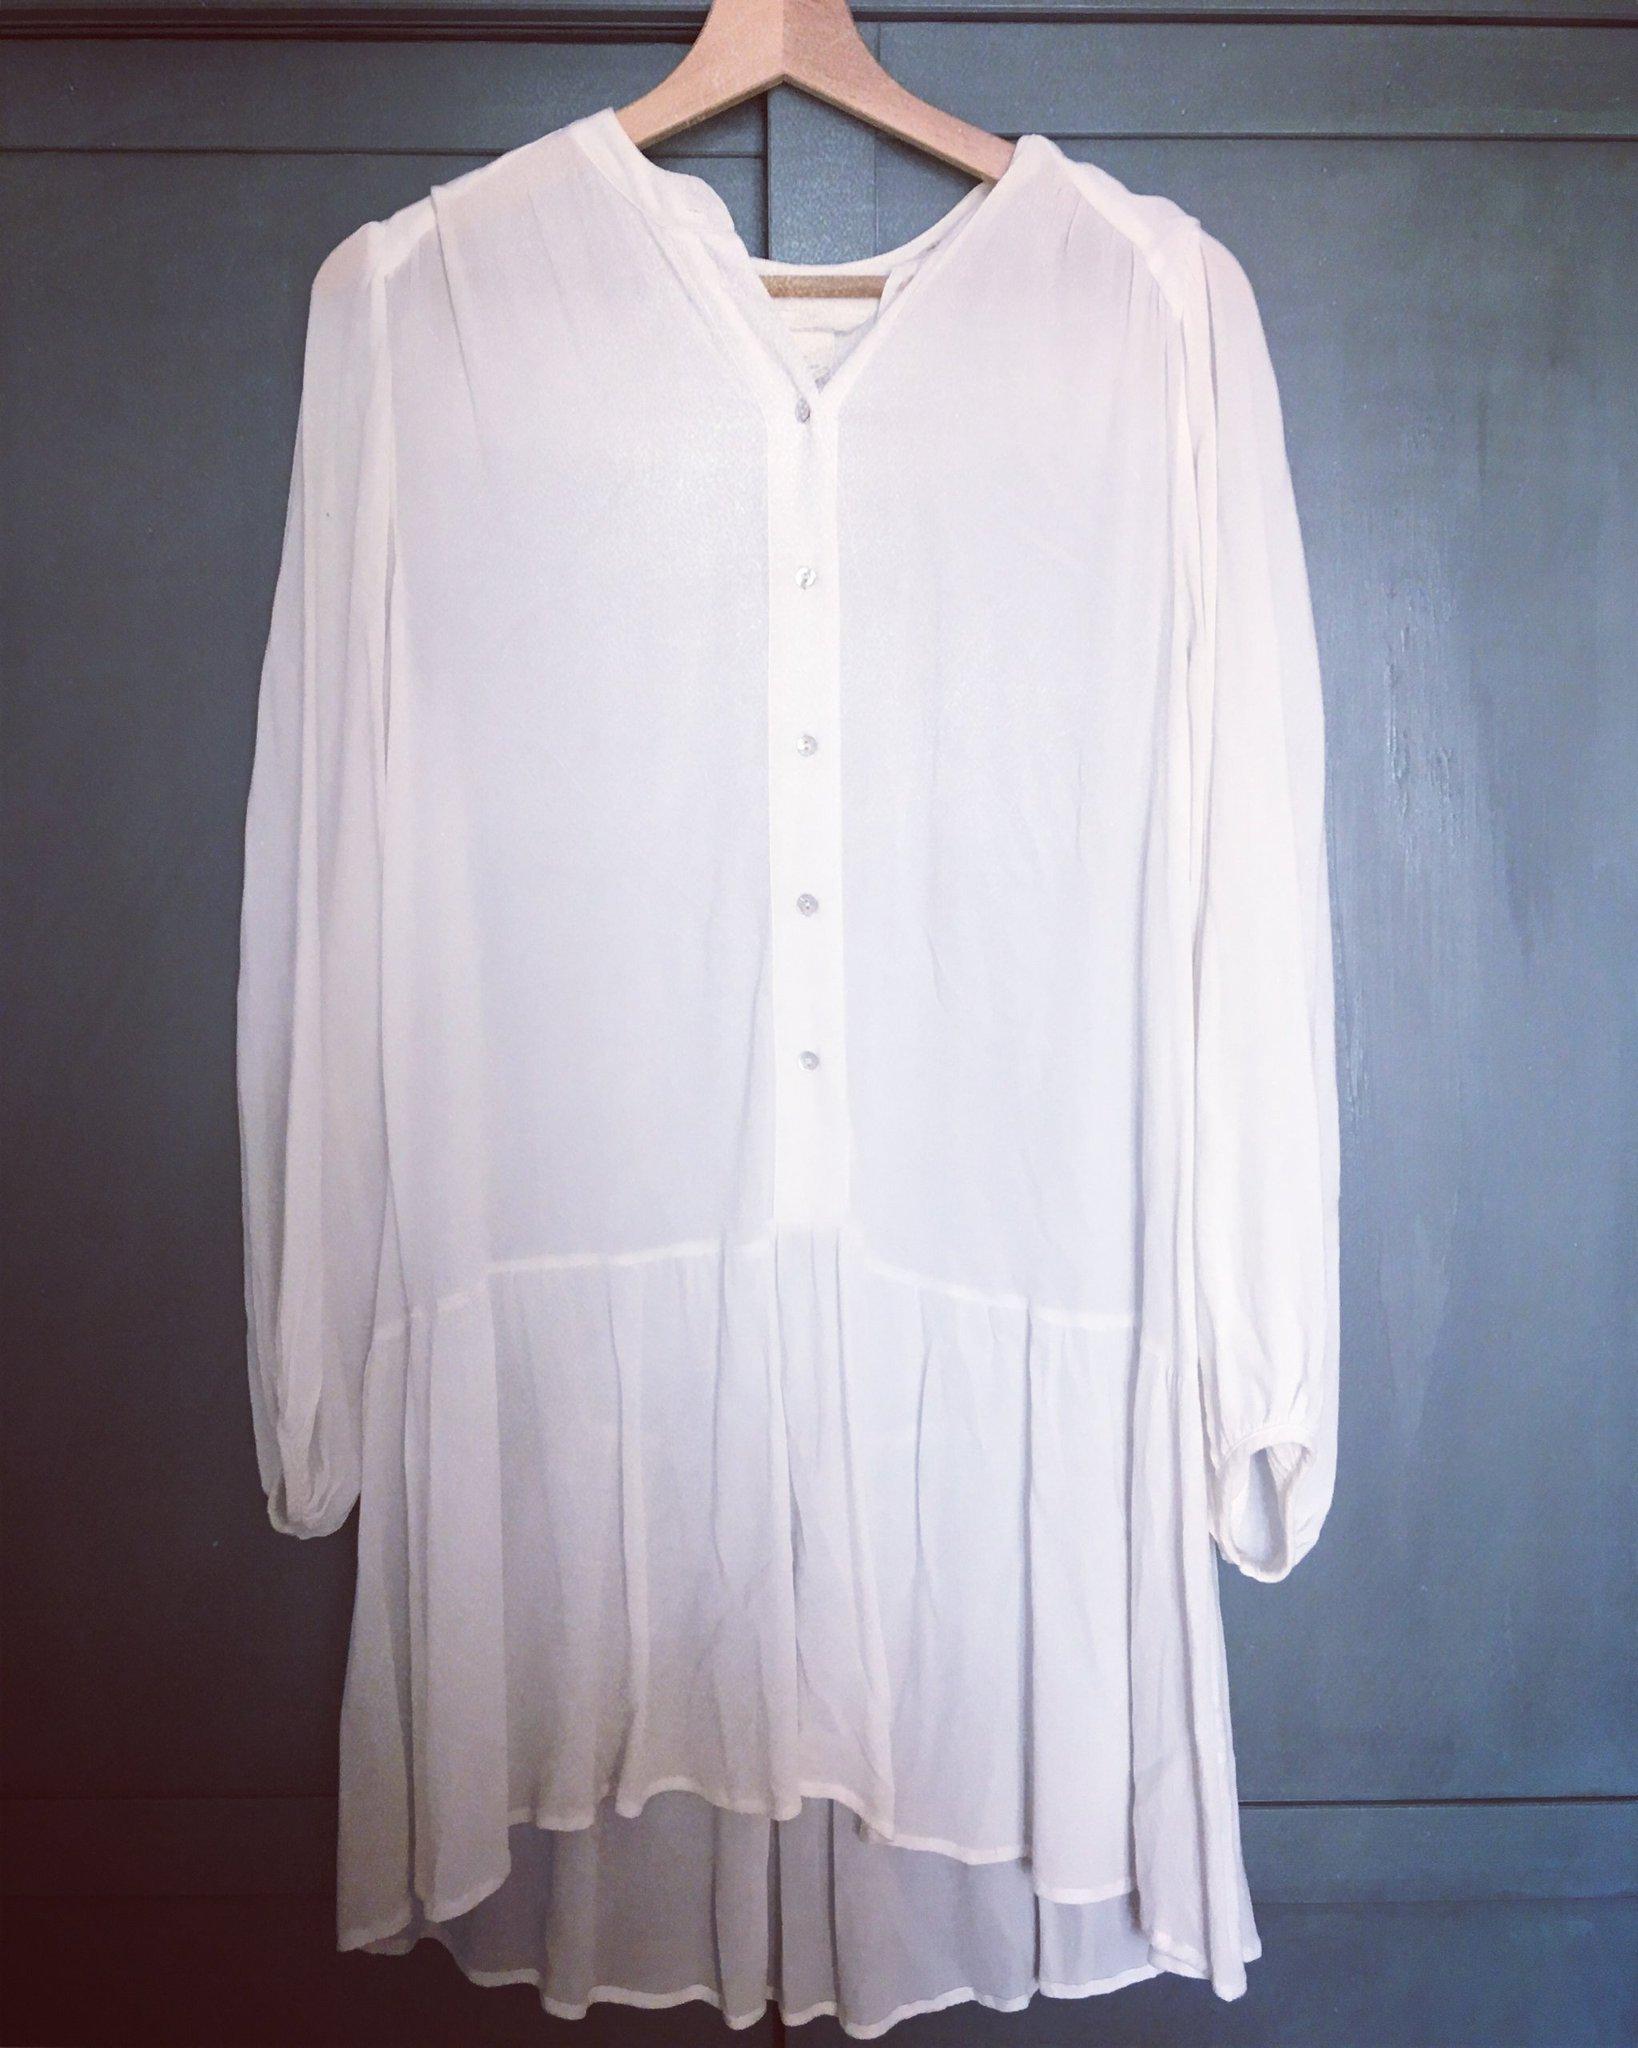 5b8ec55ba084 Vit tunika/klänning i XS (350875783) ᐈ Köp på Tradera